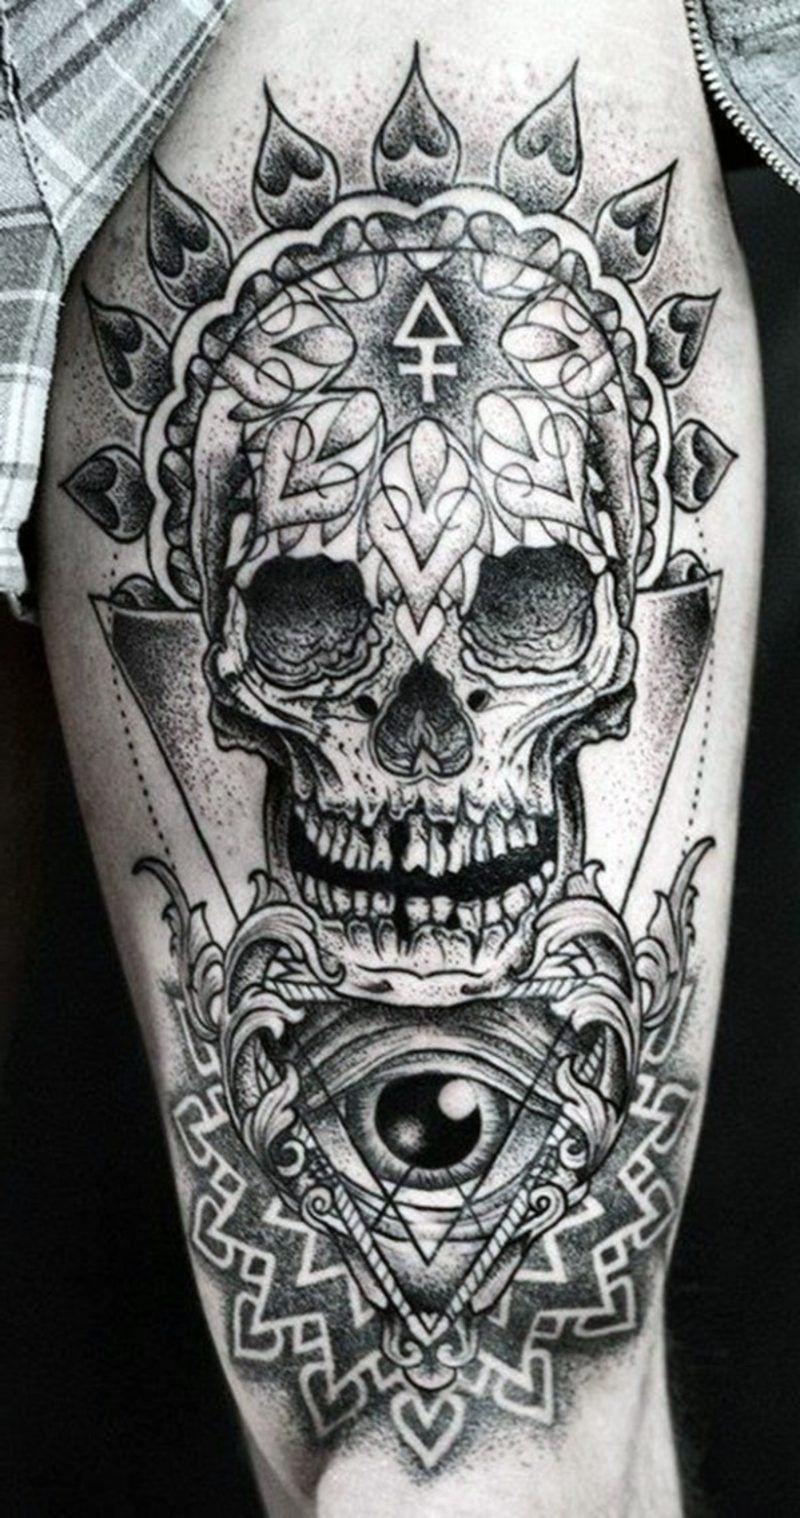 972c5ddf6 Skull Tattoo - Ideas and Symbolism #thinblue #wicked #blueline #sugarskull  #tattoodesigns